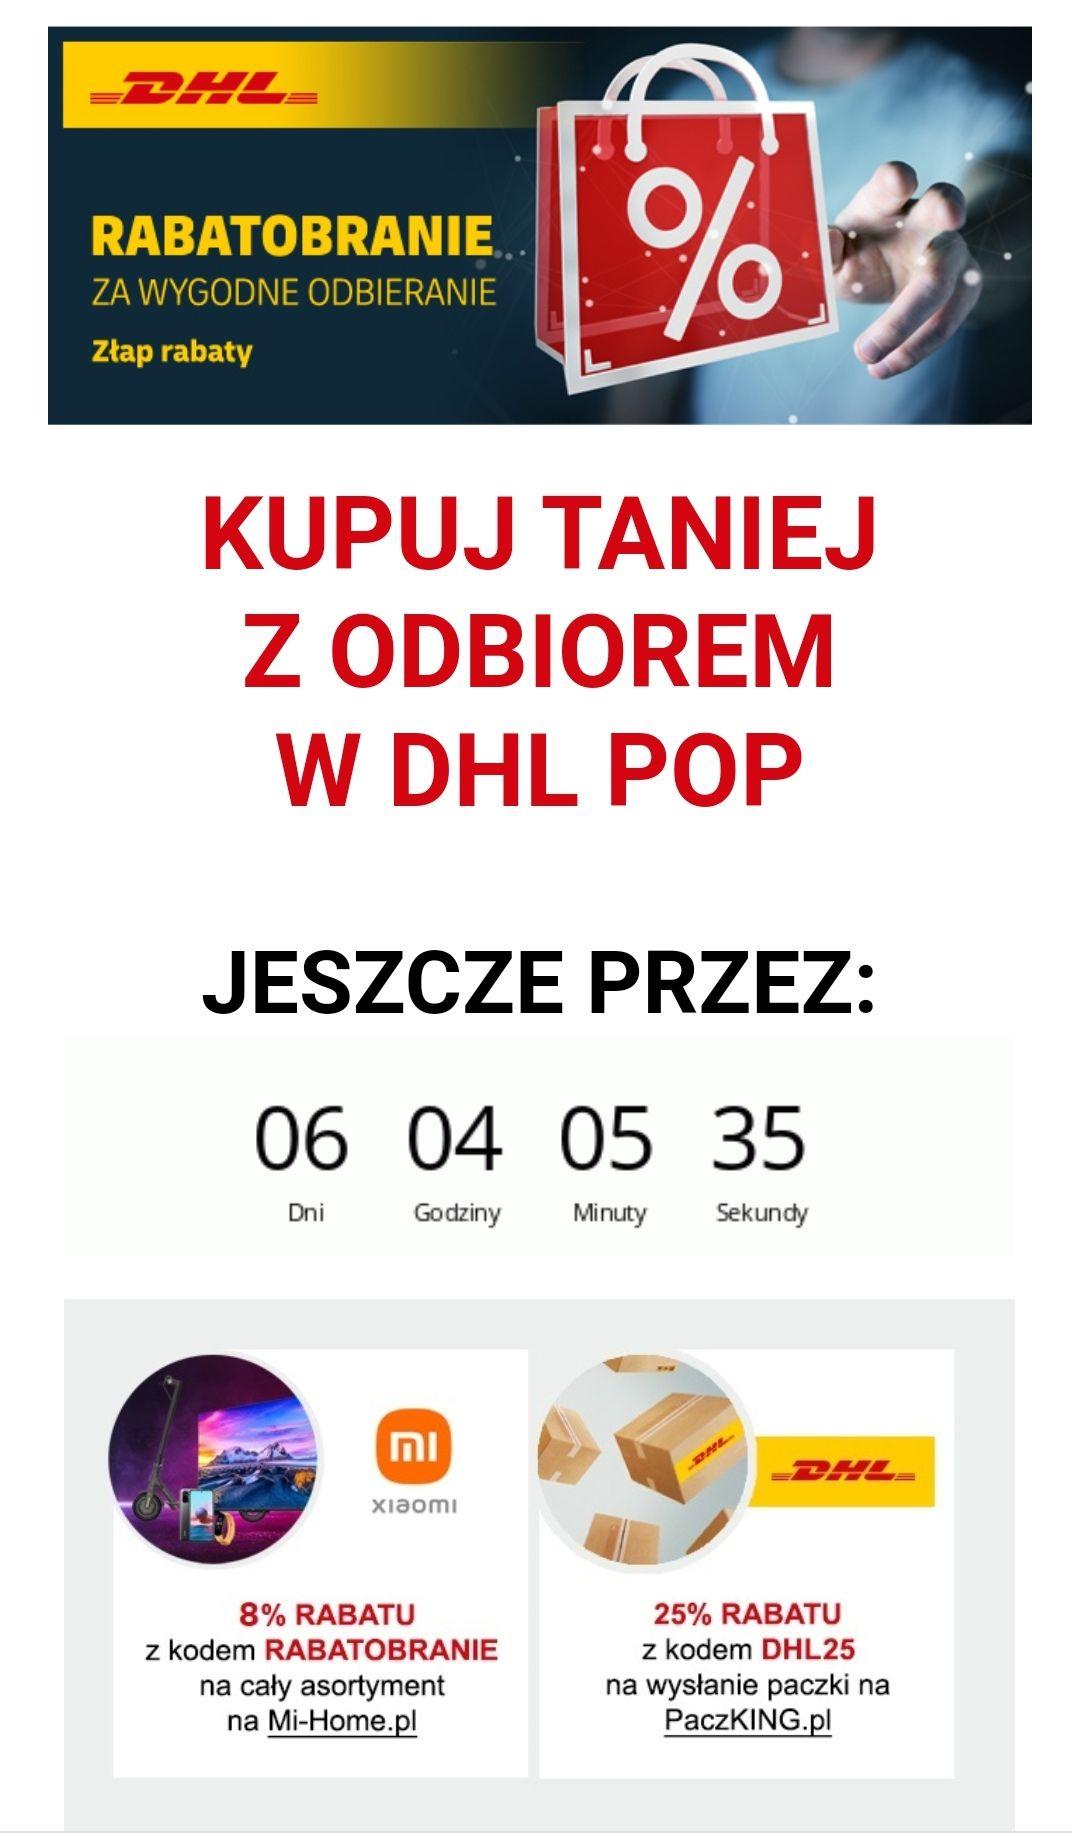 8% rabatu na cały asortyment na Mi-Home.pl PONOWNIE DOSTĘPNY